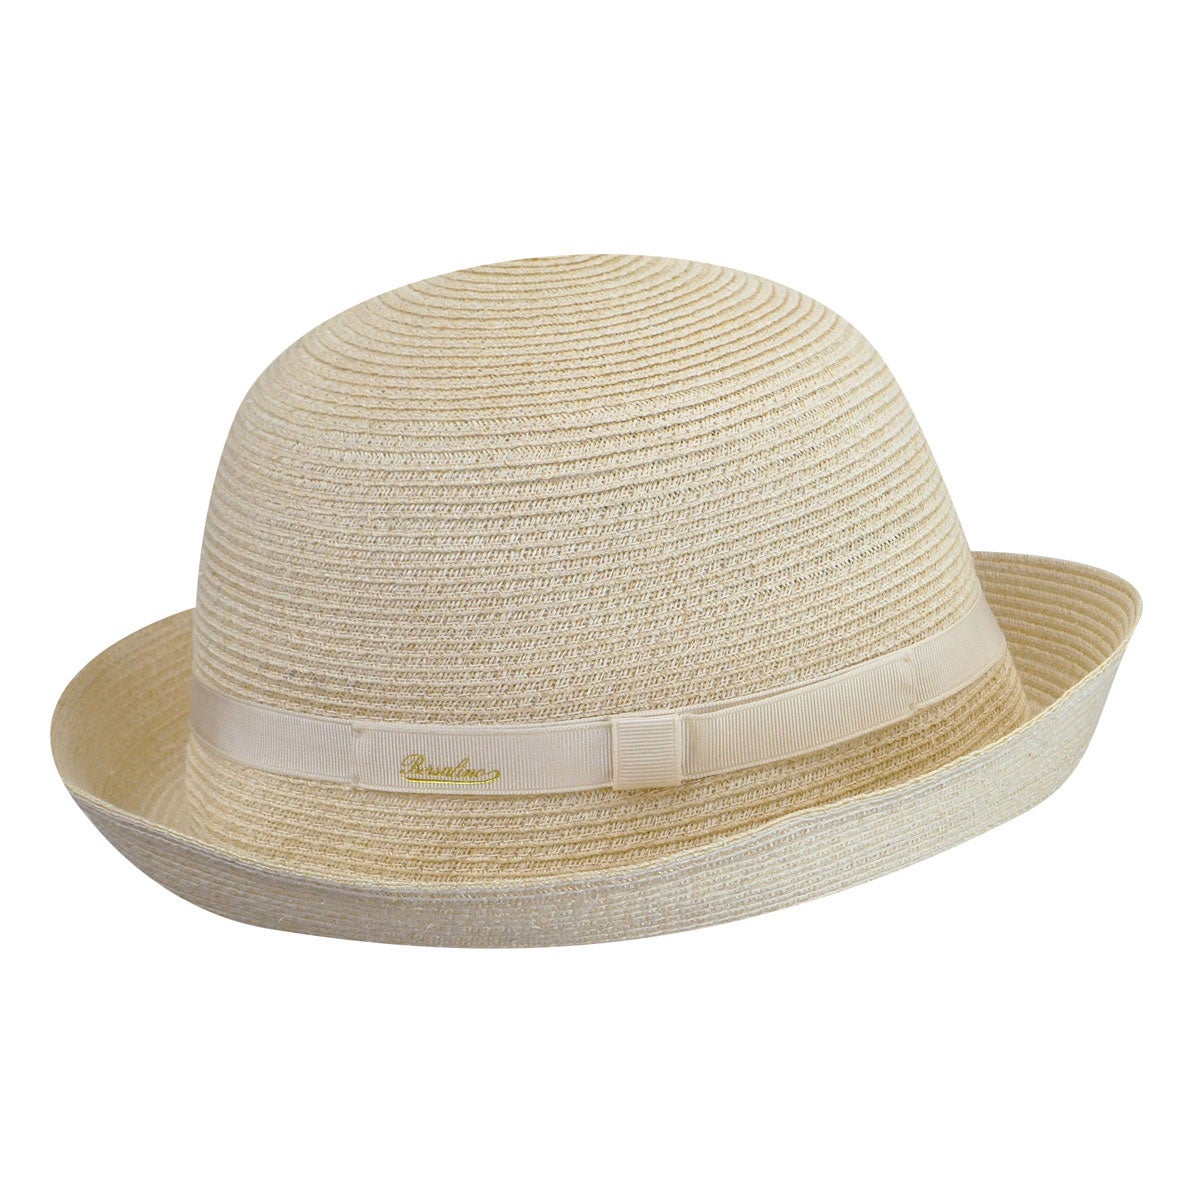 1940s Hats History 232095 Treccia Canapa Cloche $315.00 AT vintagedancer.com